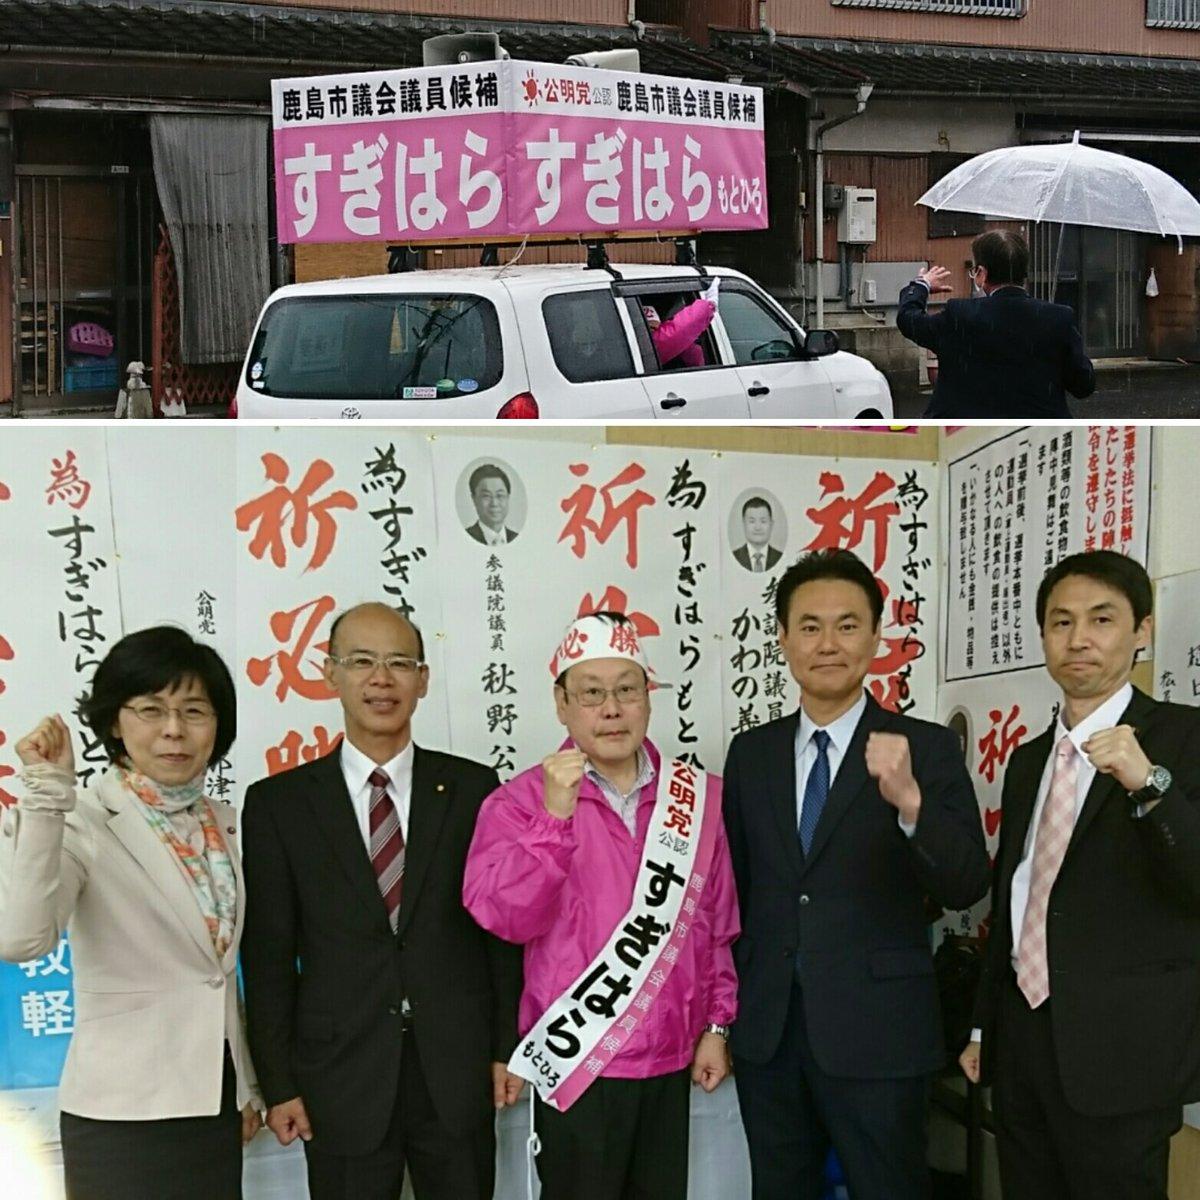 多久市から、伊万里市と鹿島市へ☆鹿島市では、佐賀県本部議員と『すぎはら』候補とガッツポーズ✊完勝へ全力投球!!